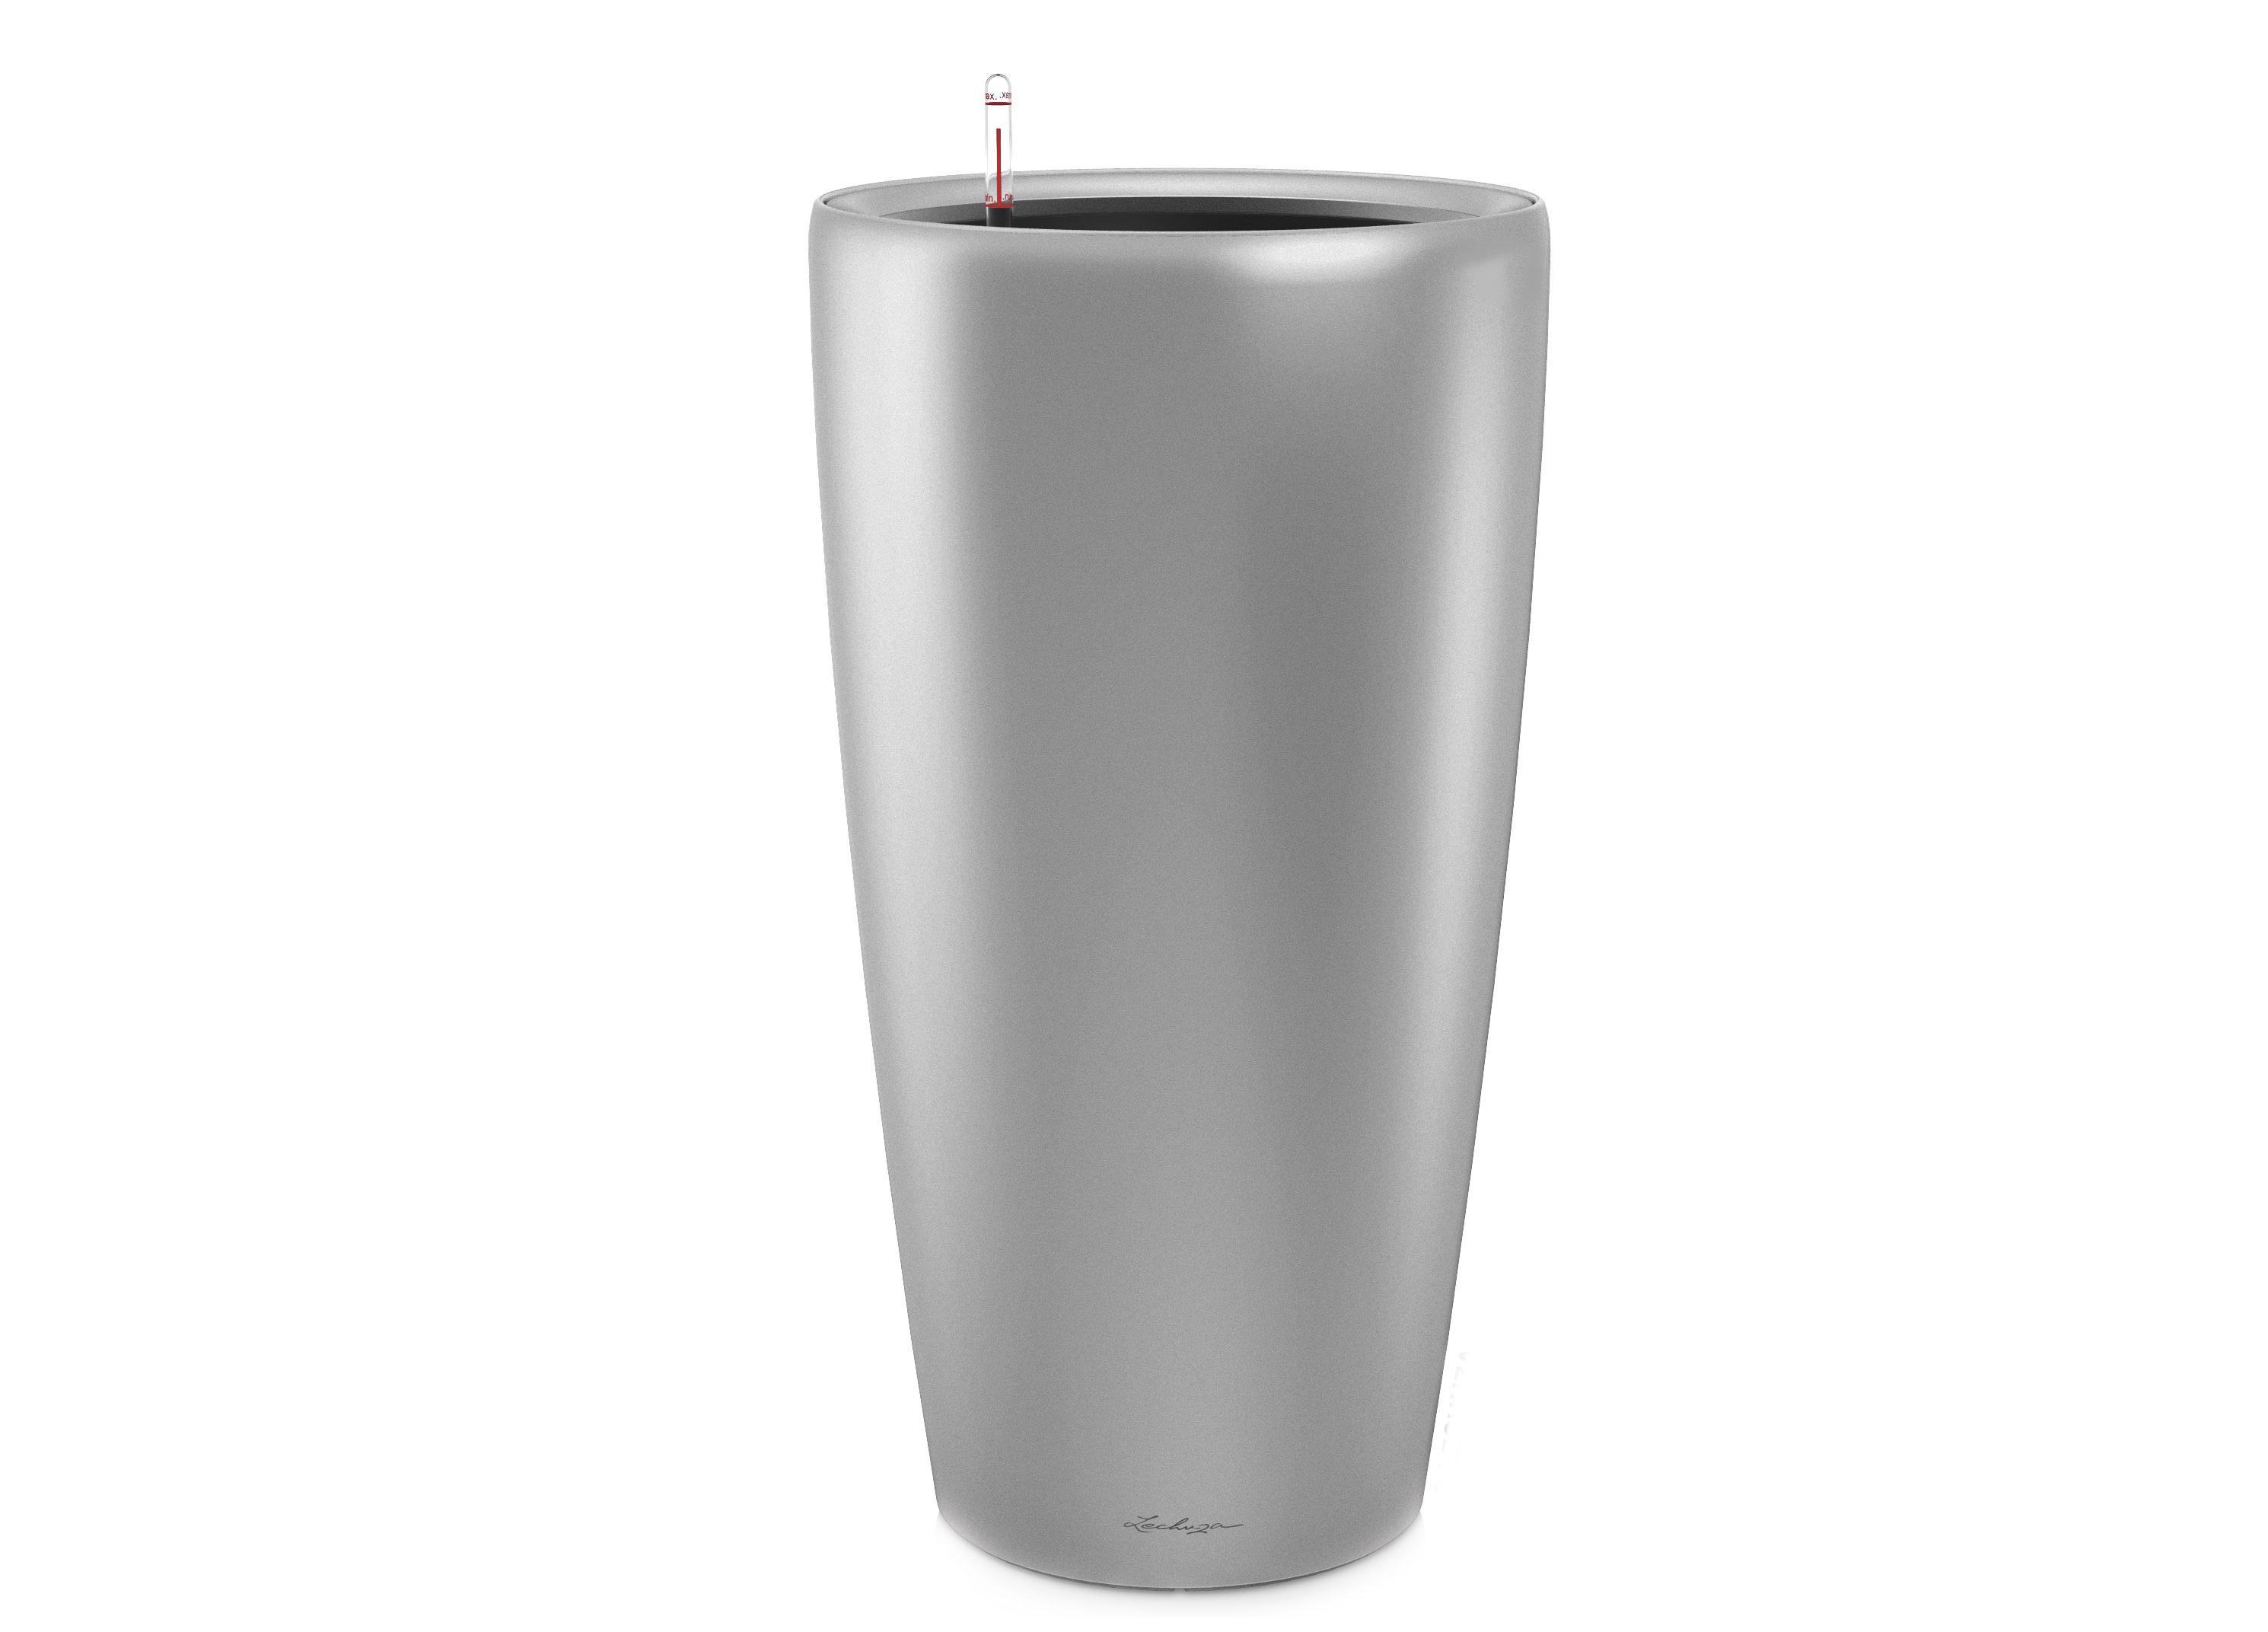 Кашпо с системой полива РондоКашпо и аксессуары для цветов<br><br><br>Material: Пластик<br>Height см: 75<br>Diameter см: 40